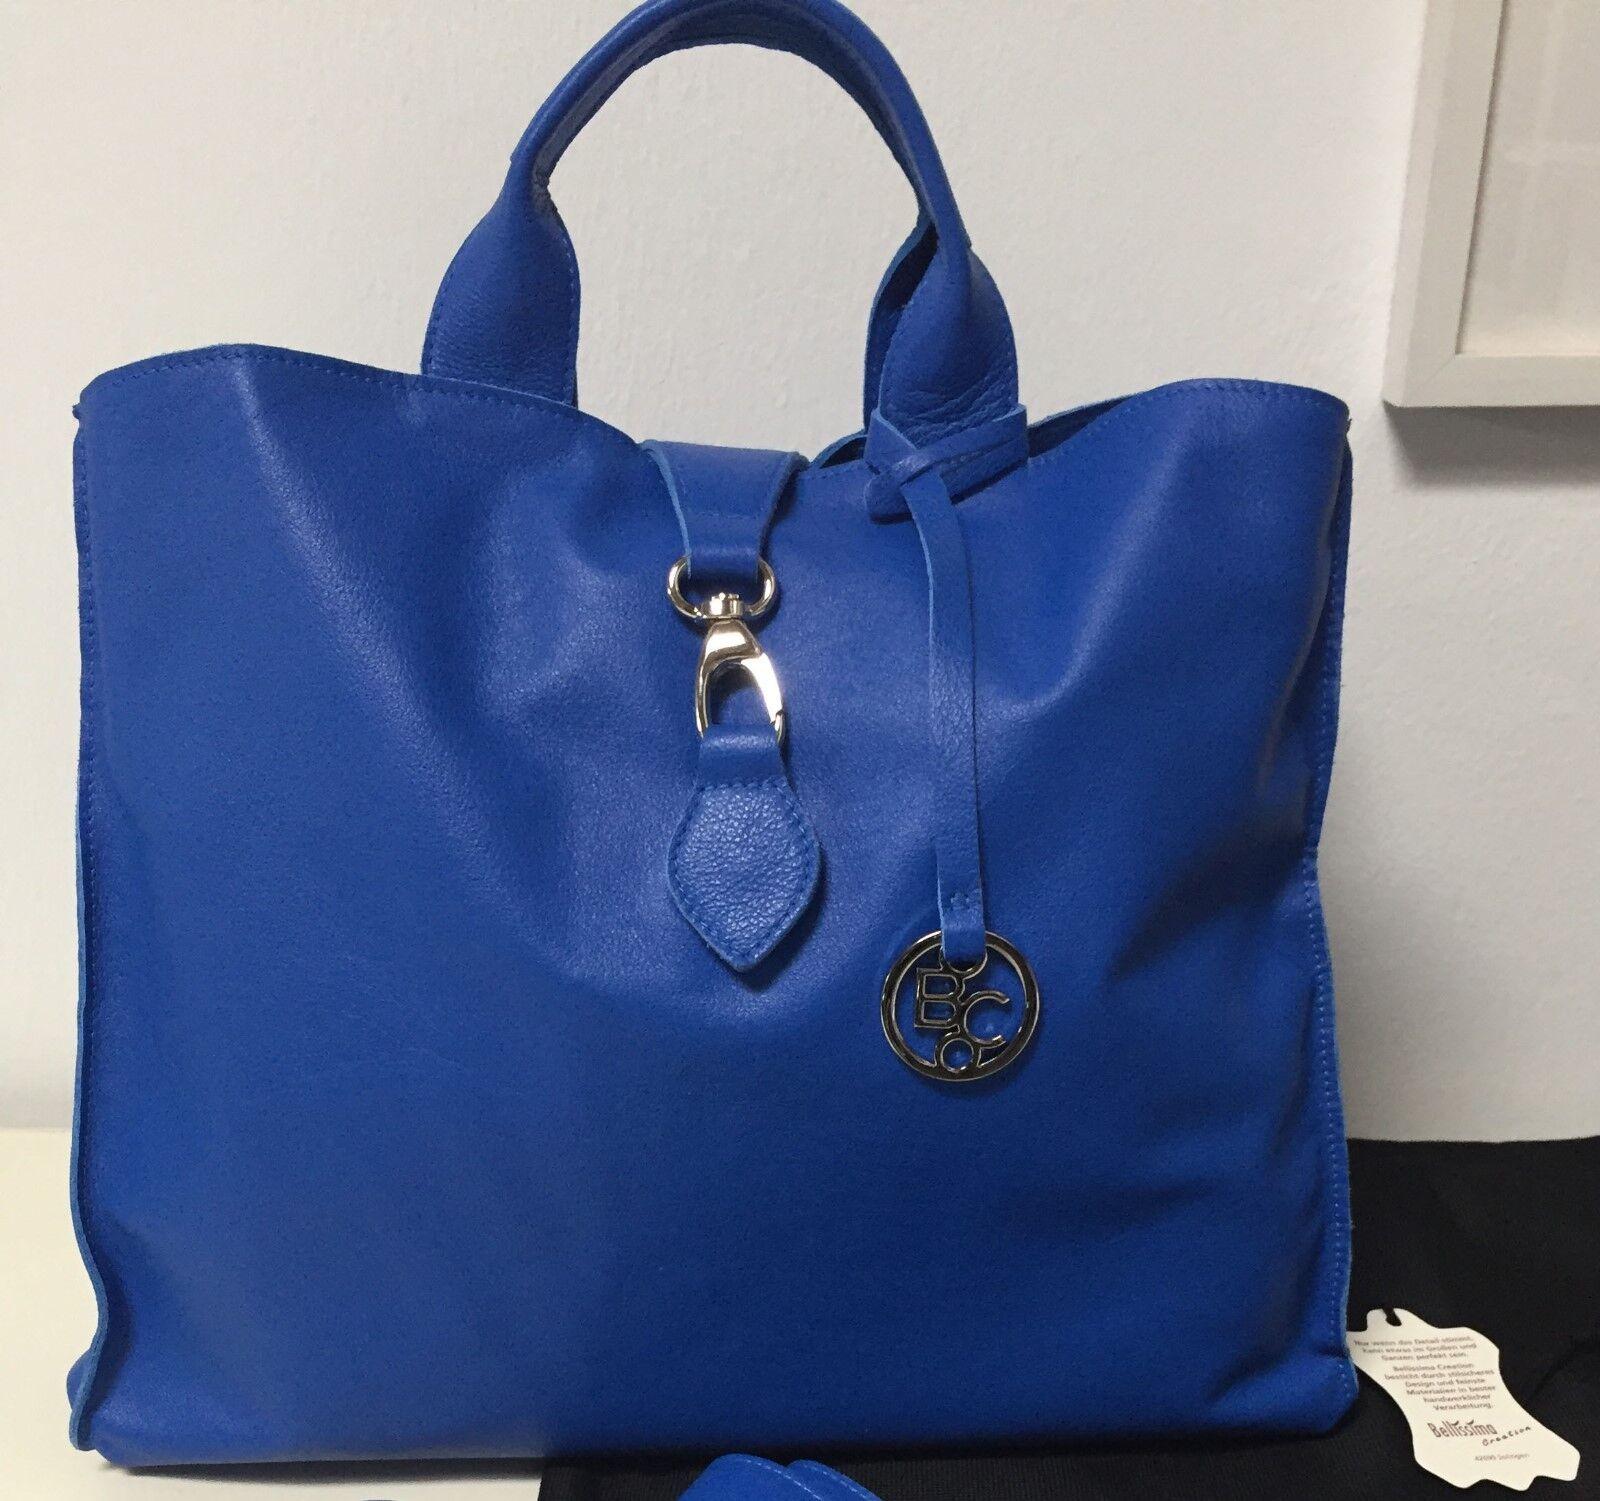 Bellissima Creation Handtasche, echtes Leder, himmelblau, NEU        Authentisch    Online Kaufen    Lass unsere Waren in die Welt gehen  2fc4ac